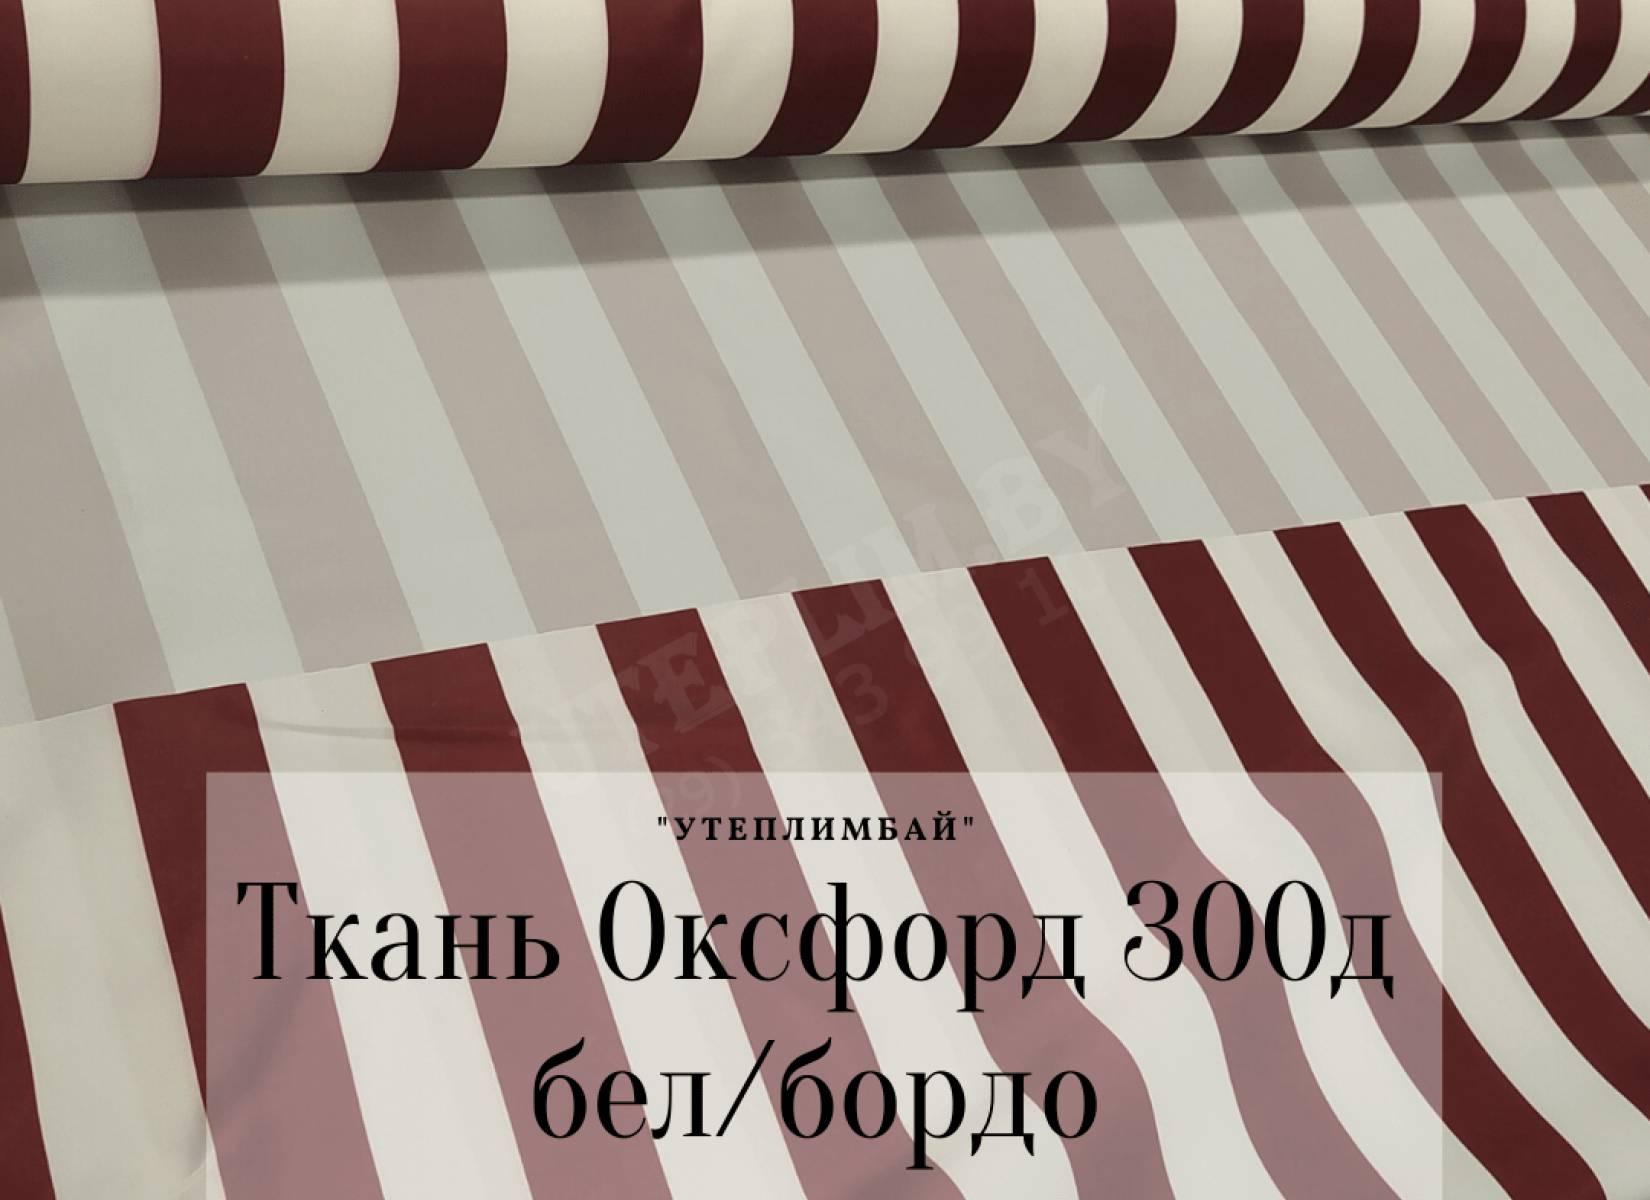 300д - бел/бордо полоса